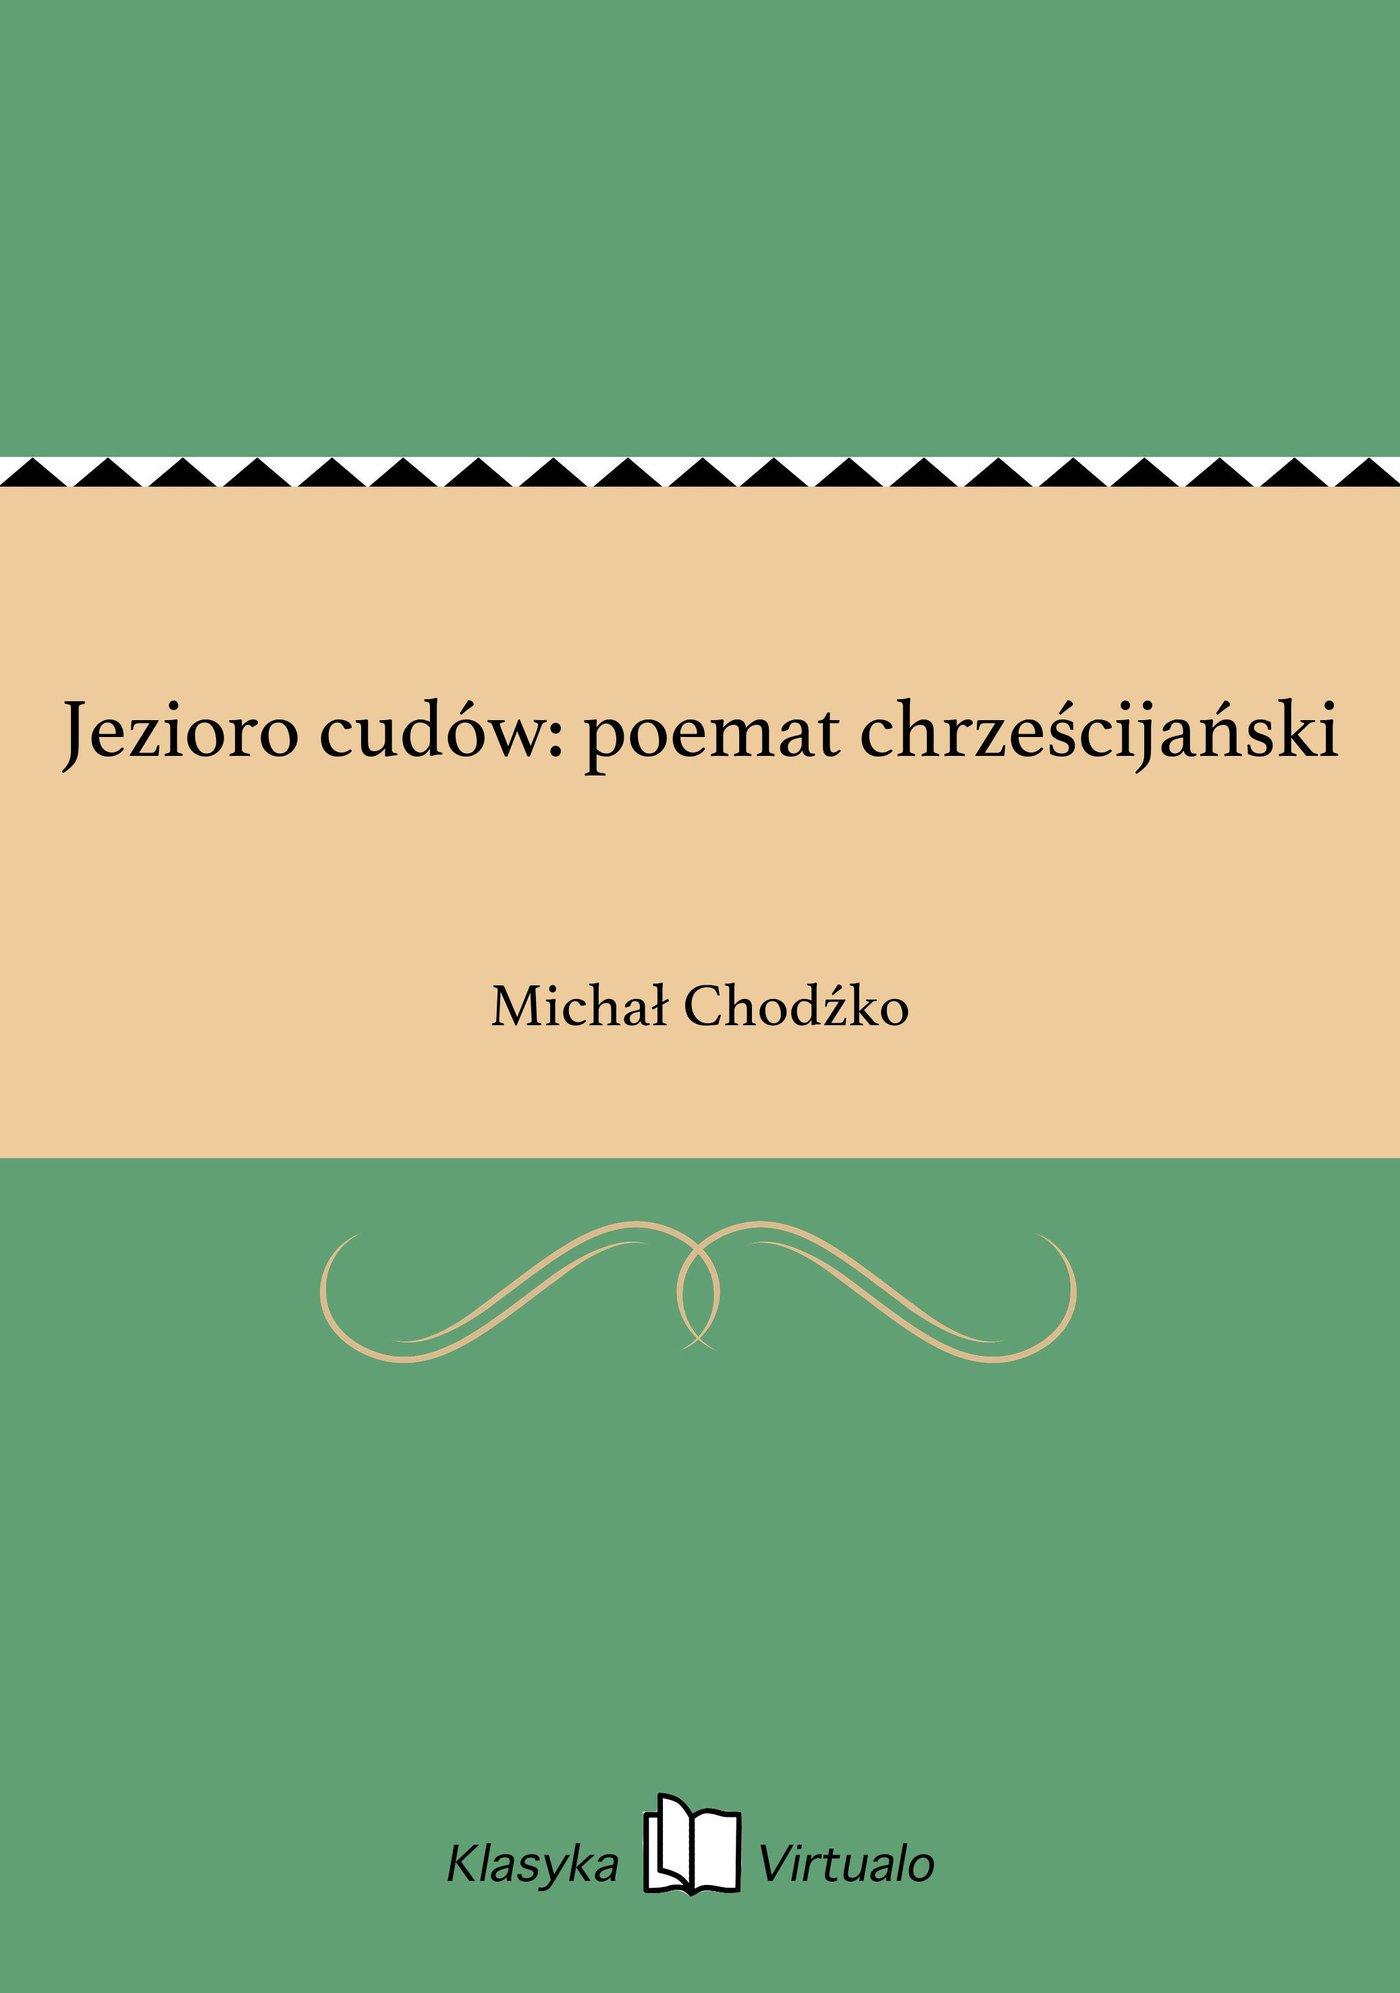 Jezioro cudów: poemat chrześcijański - Ebook (Książka EPUB) do pobrania w formacie EPUB